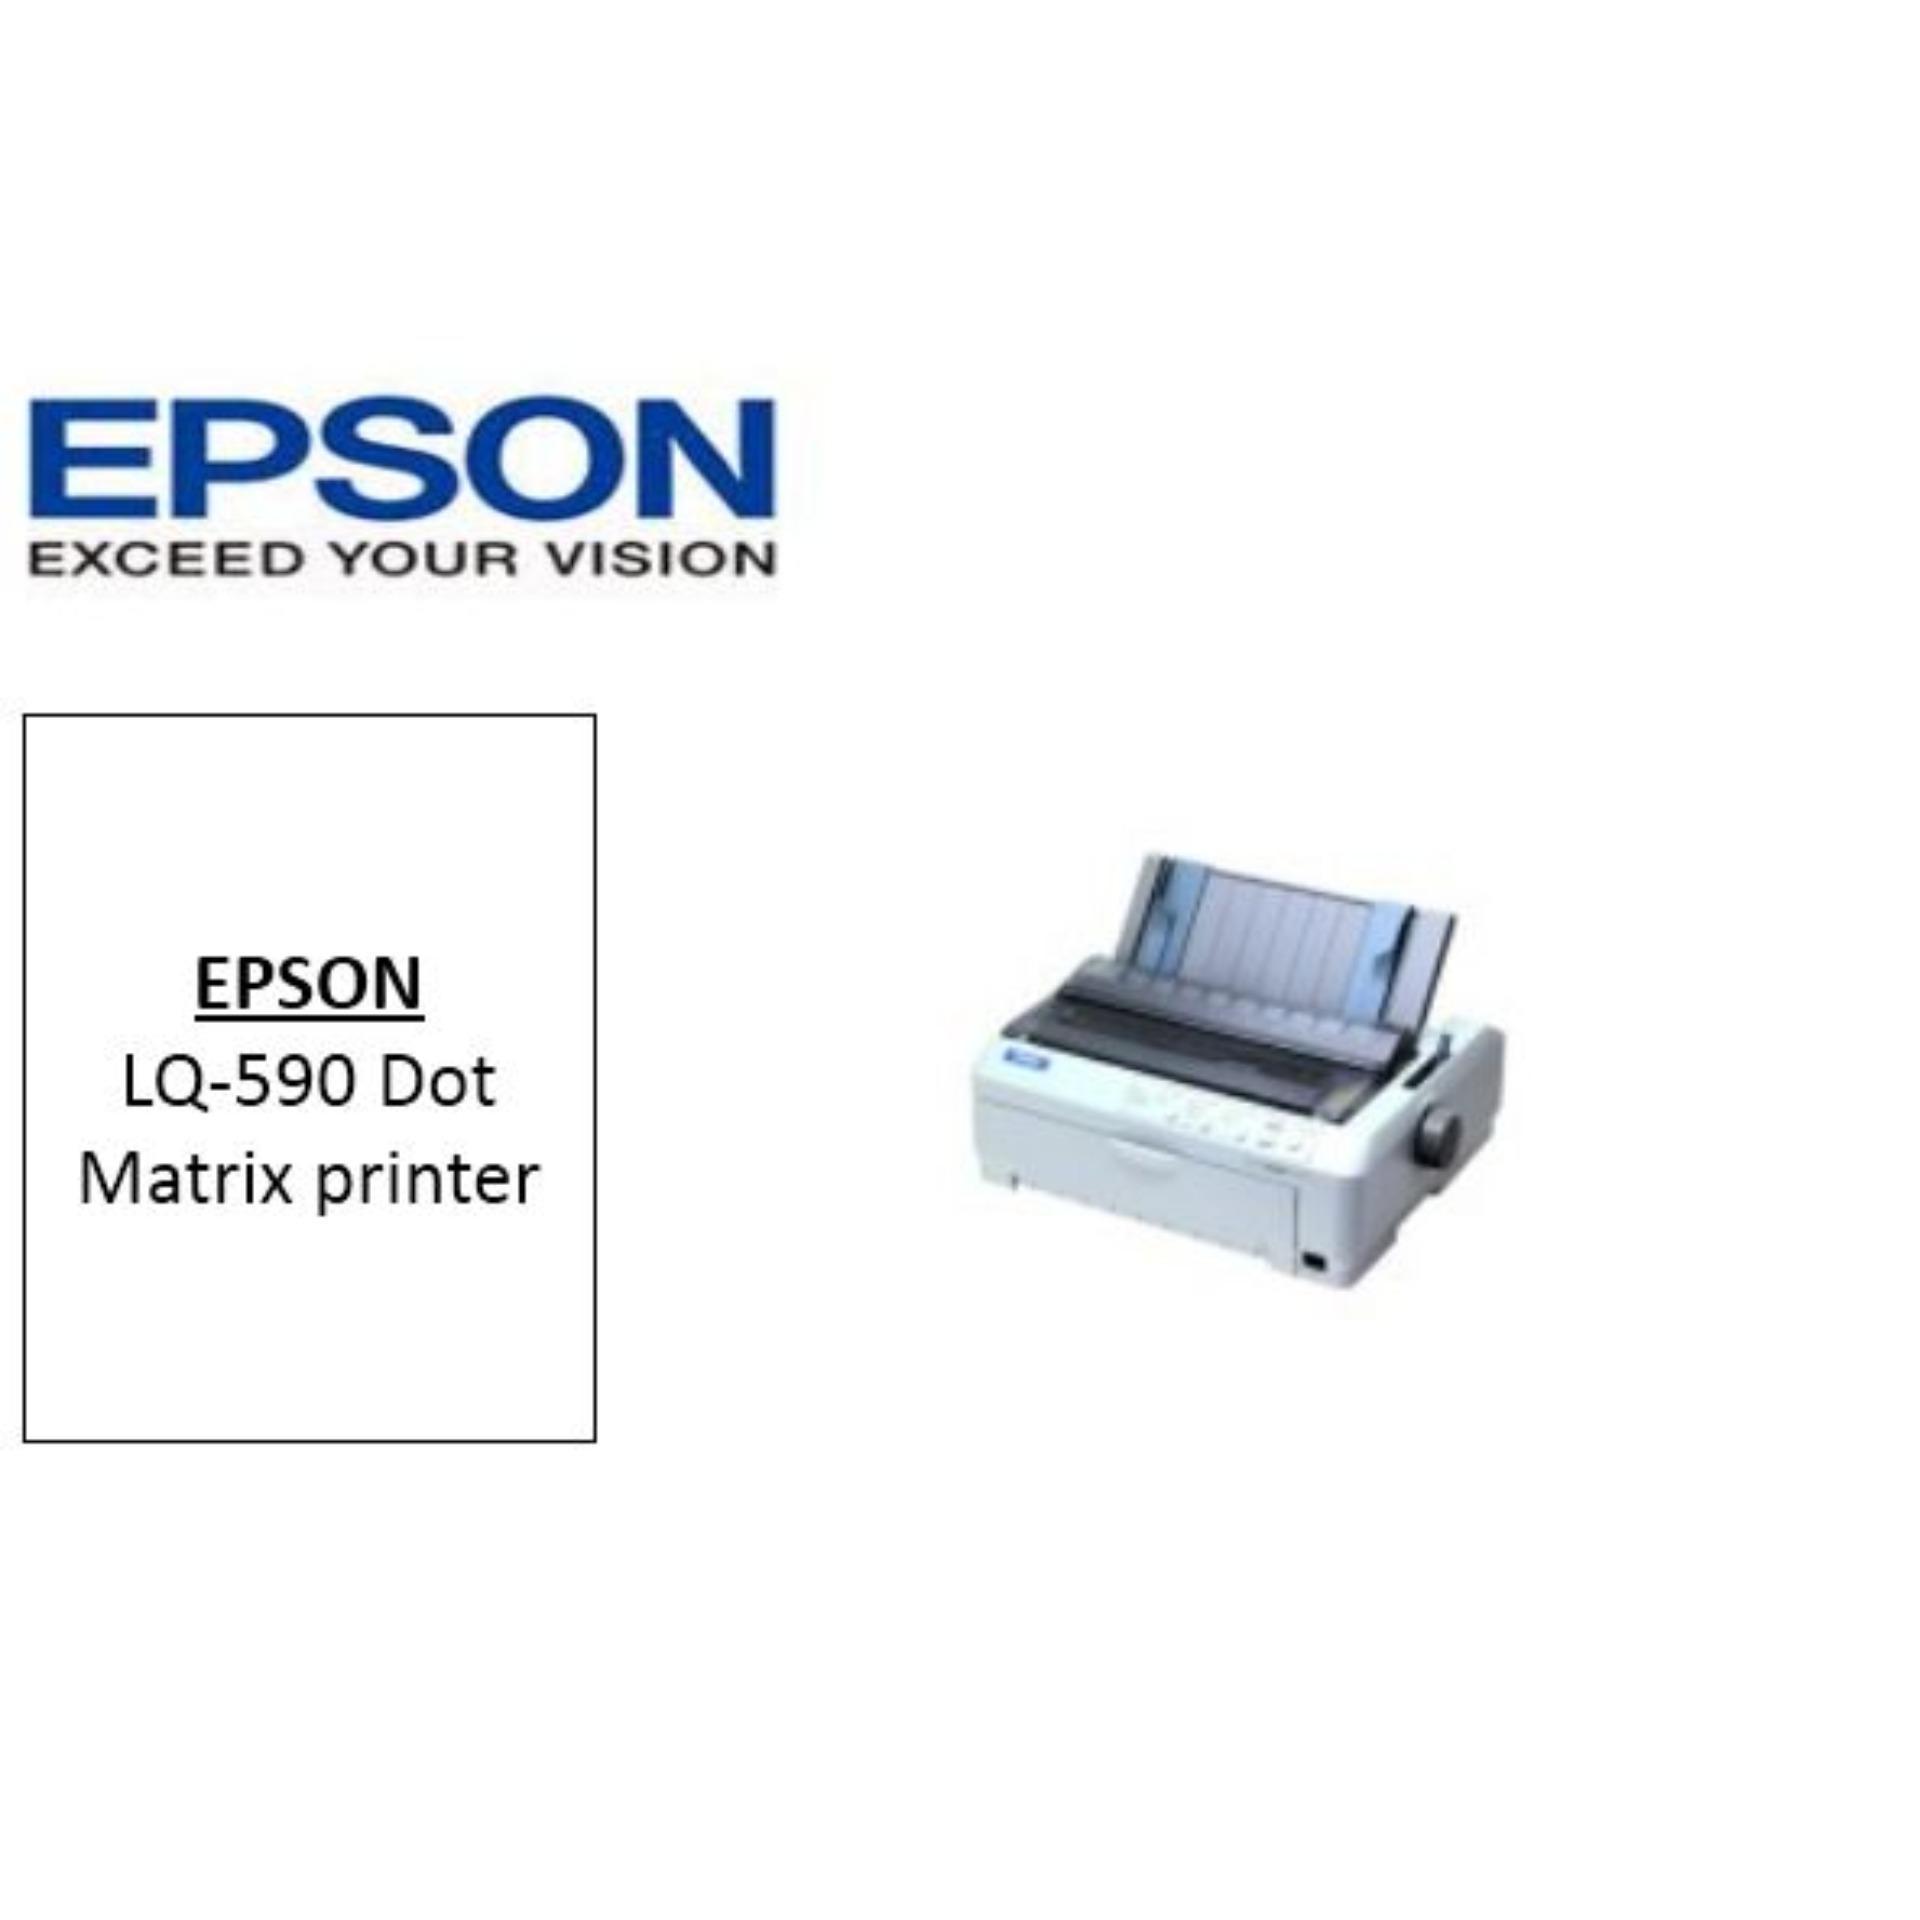 Epson Lq 590 Dot Matrix Printer Lq590 Lq 590 Best Price